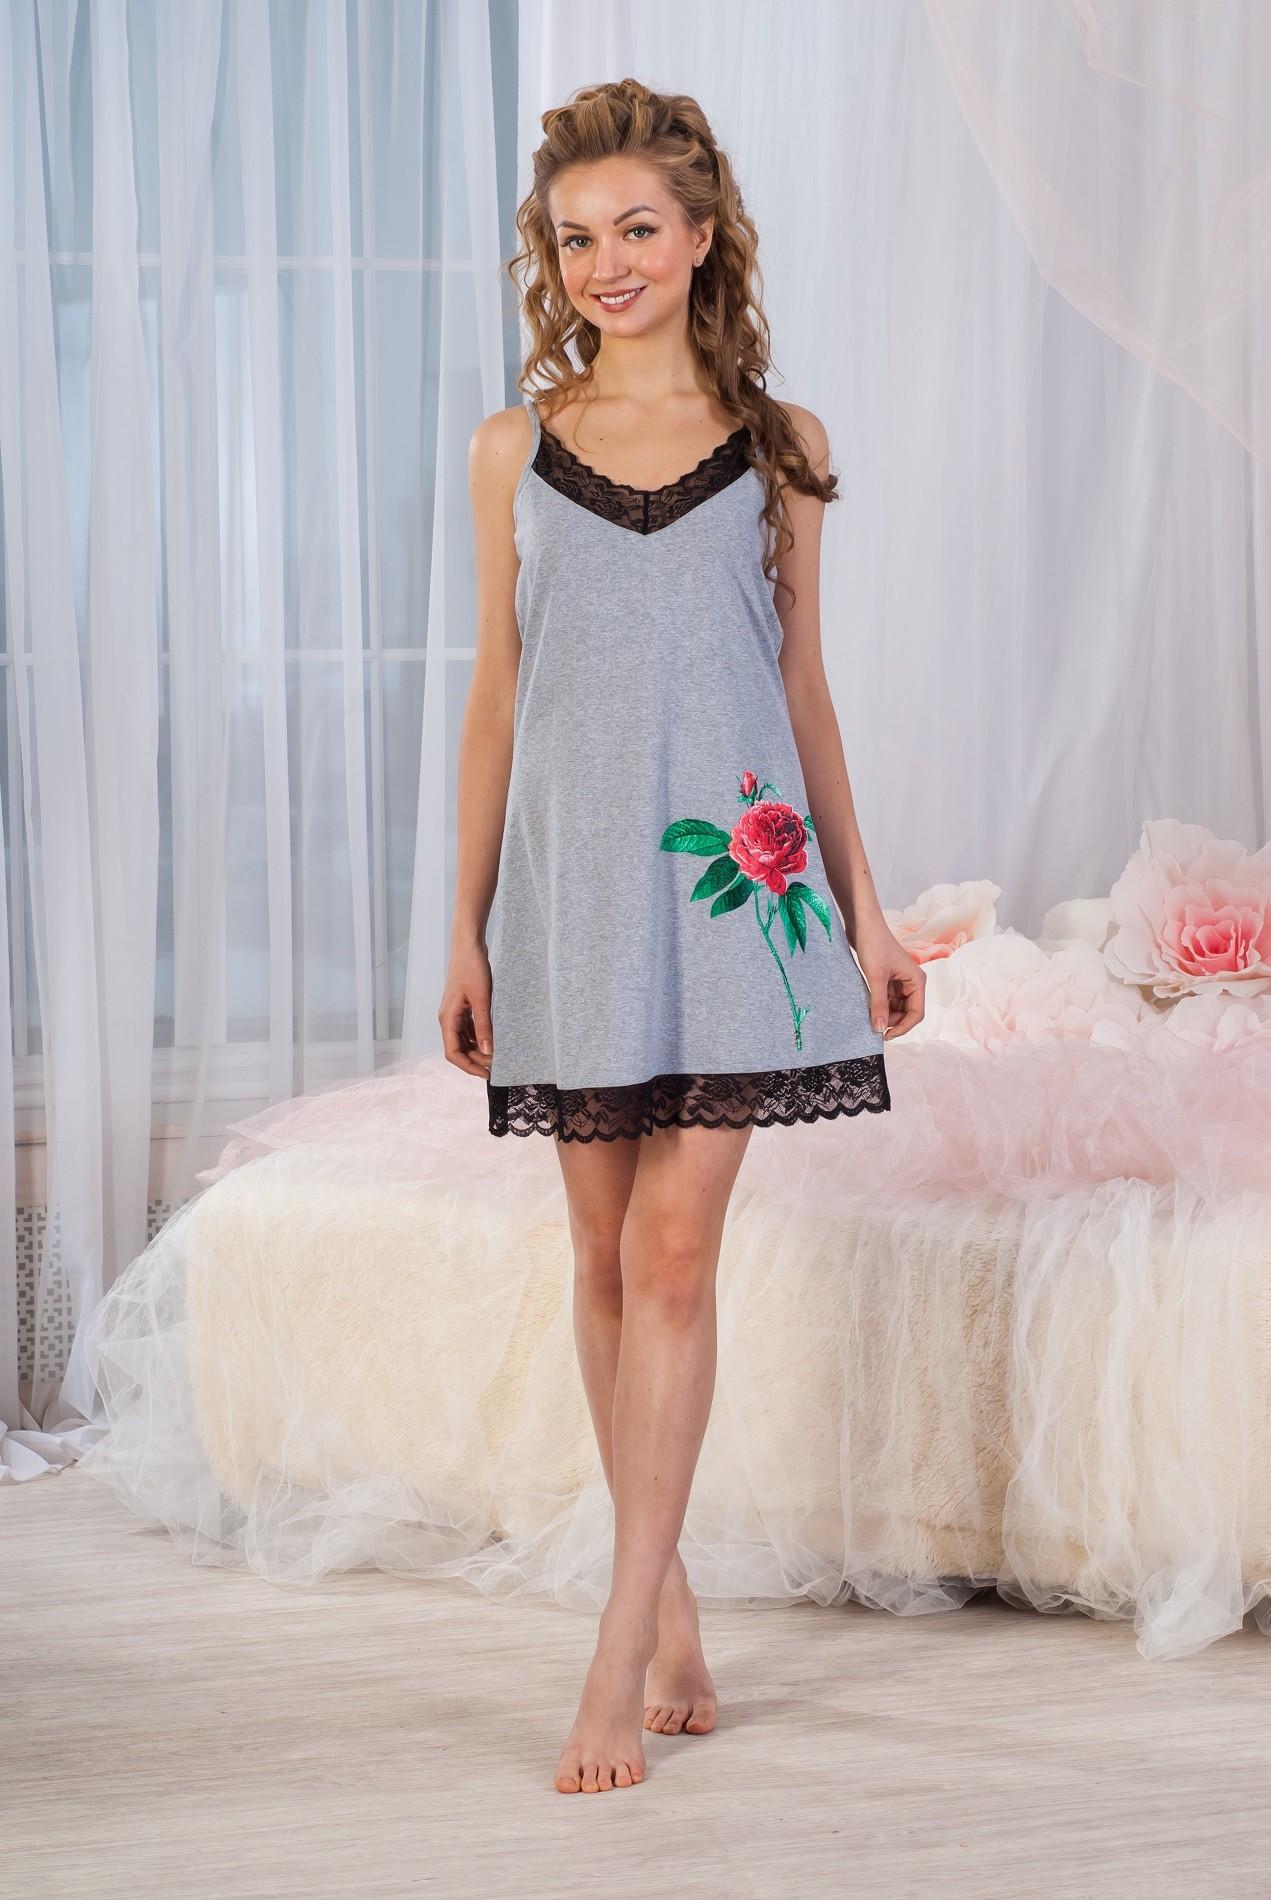 Сорочка женская Цветик на тонких бретеляхДомашняя одежда<br><br><br>Размер: 44